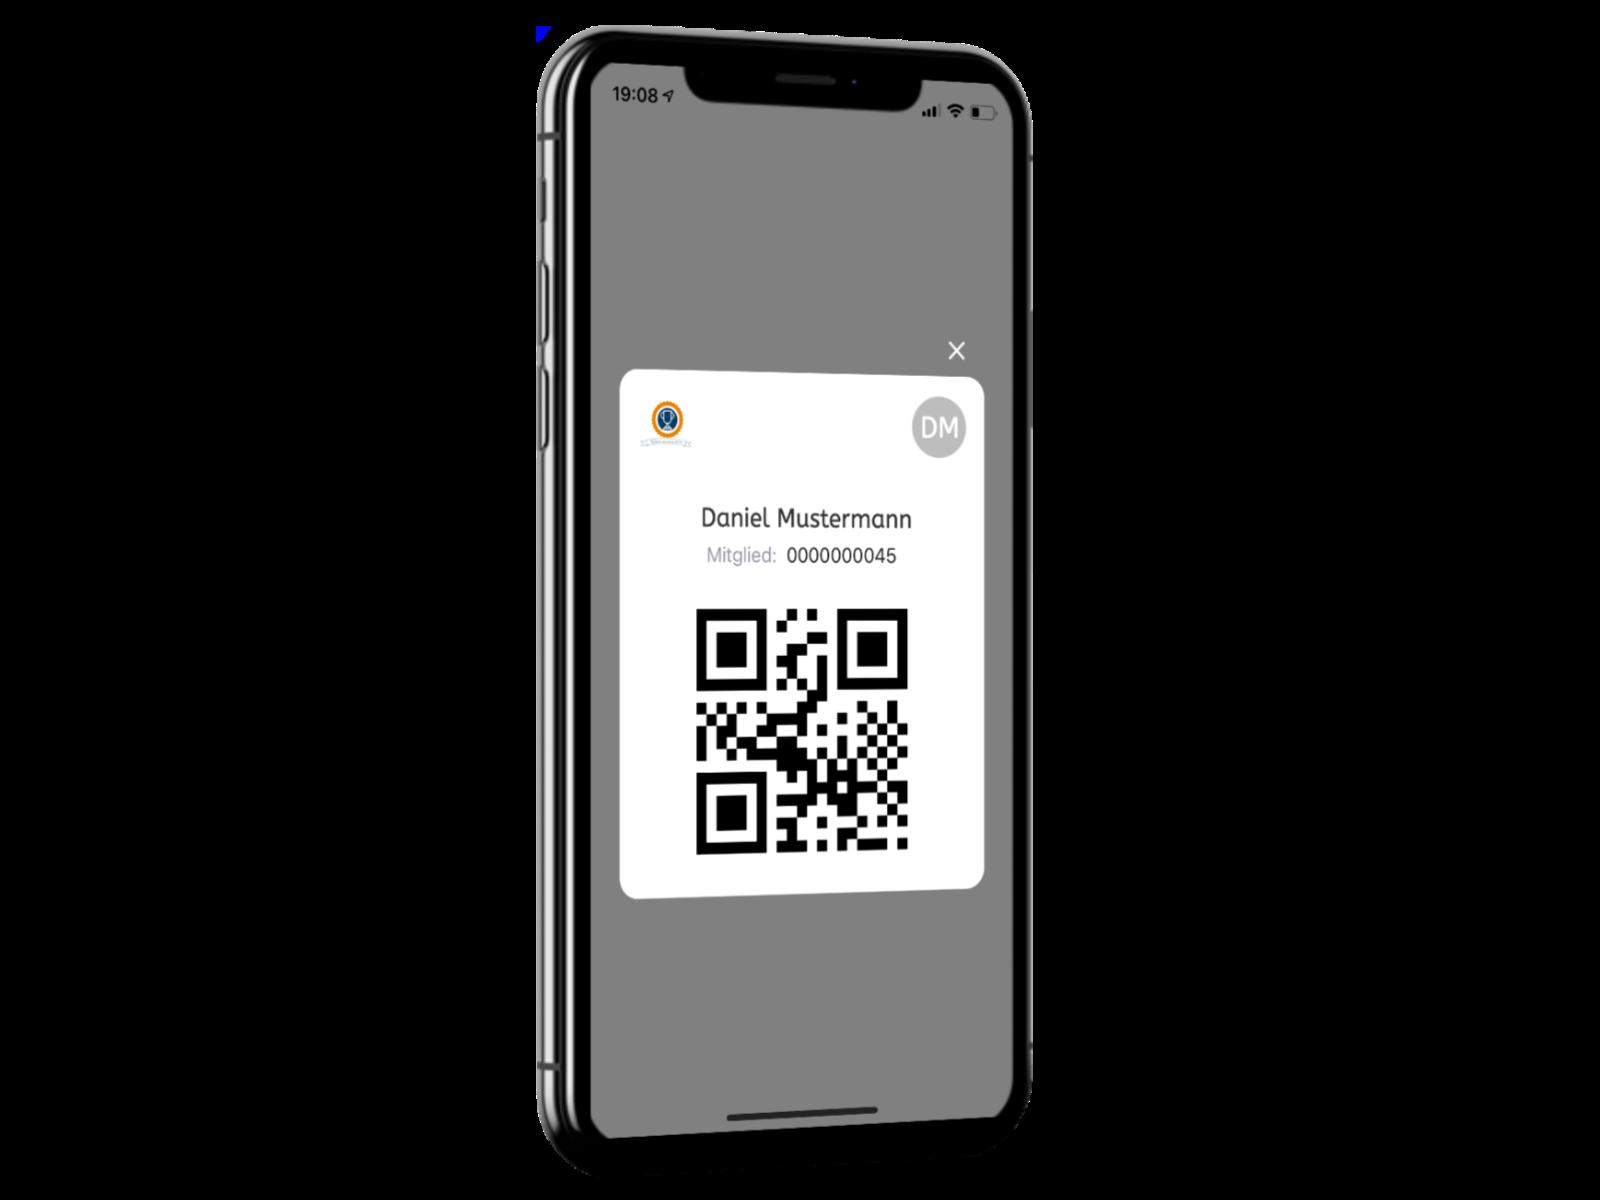 Der digitale Mitgliedsausweis mit QR-Code auf einem Handy.